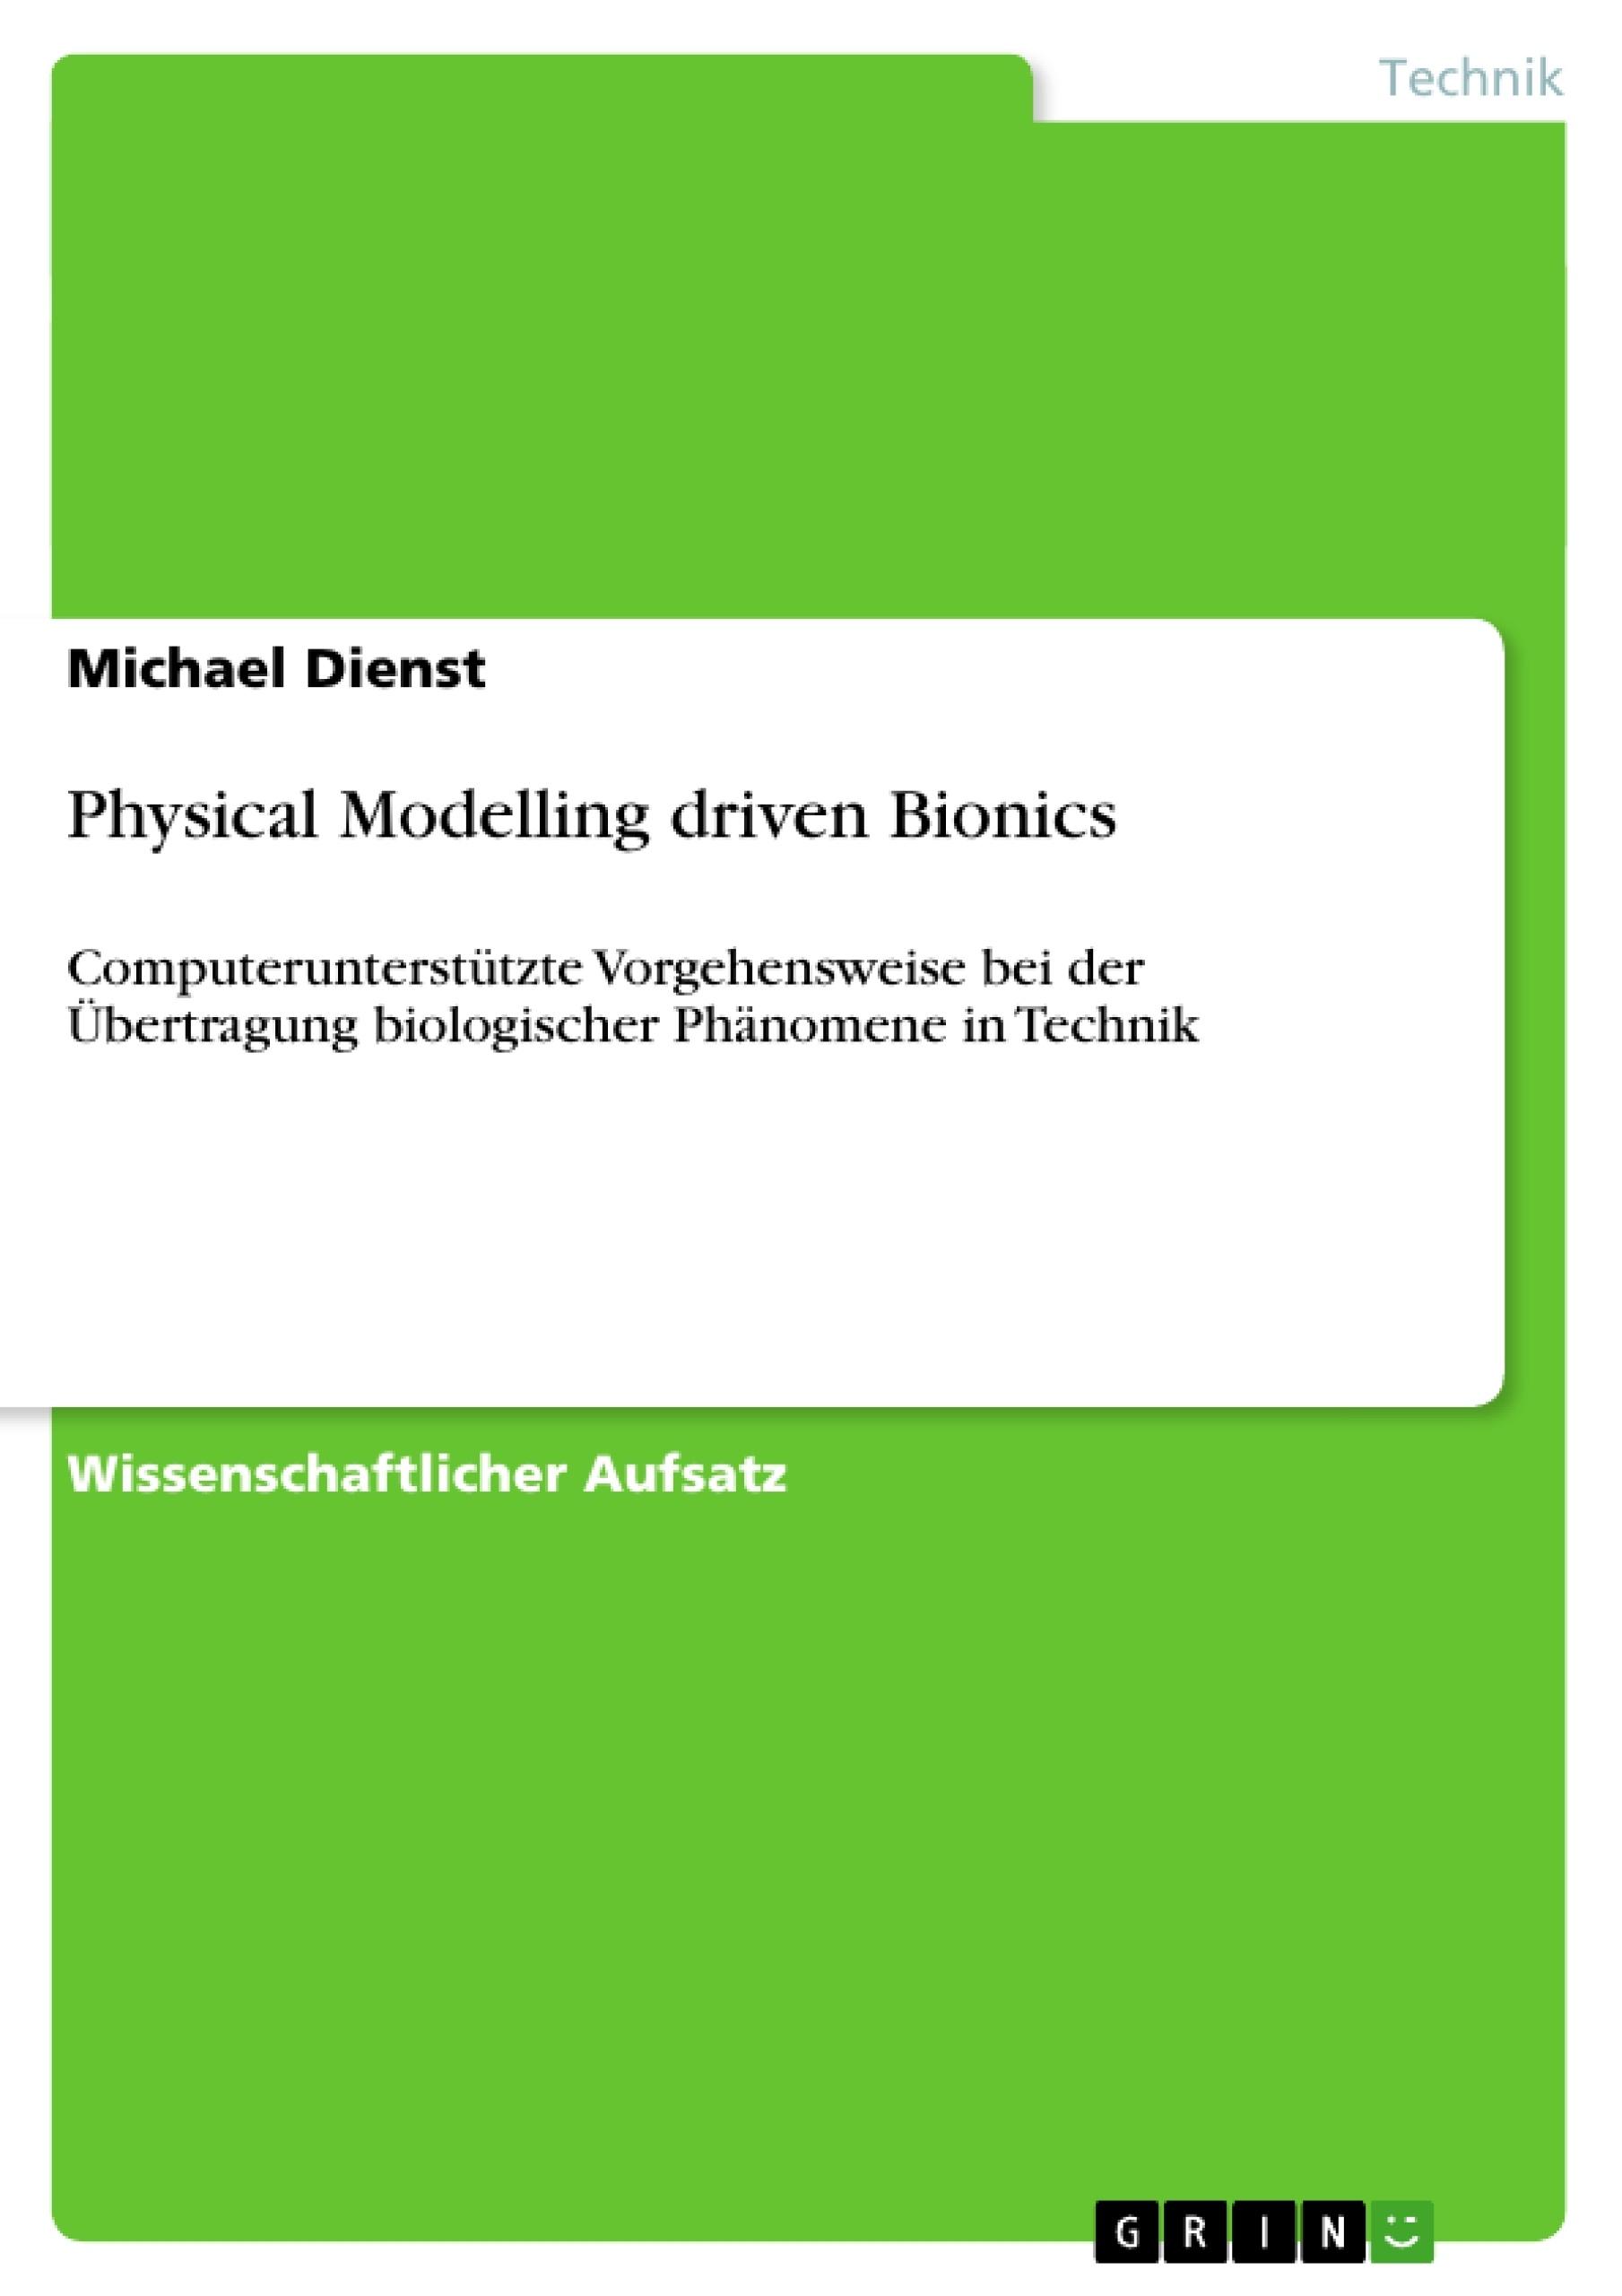 Titel: Physical Modelling driven Bionics